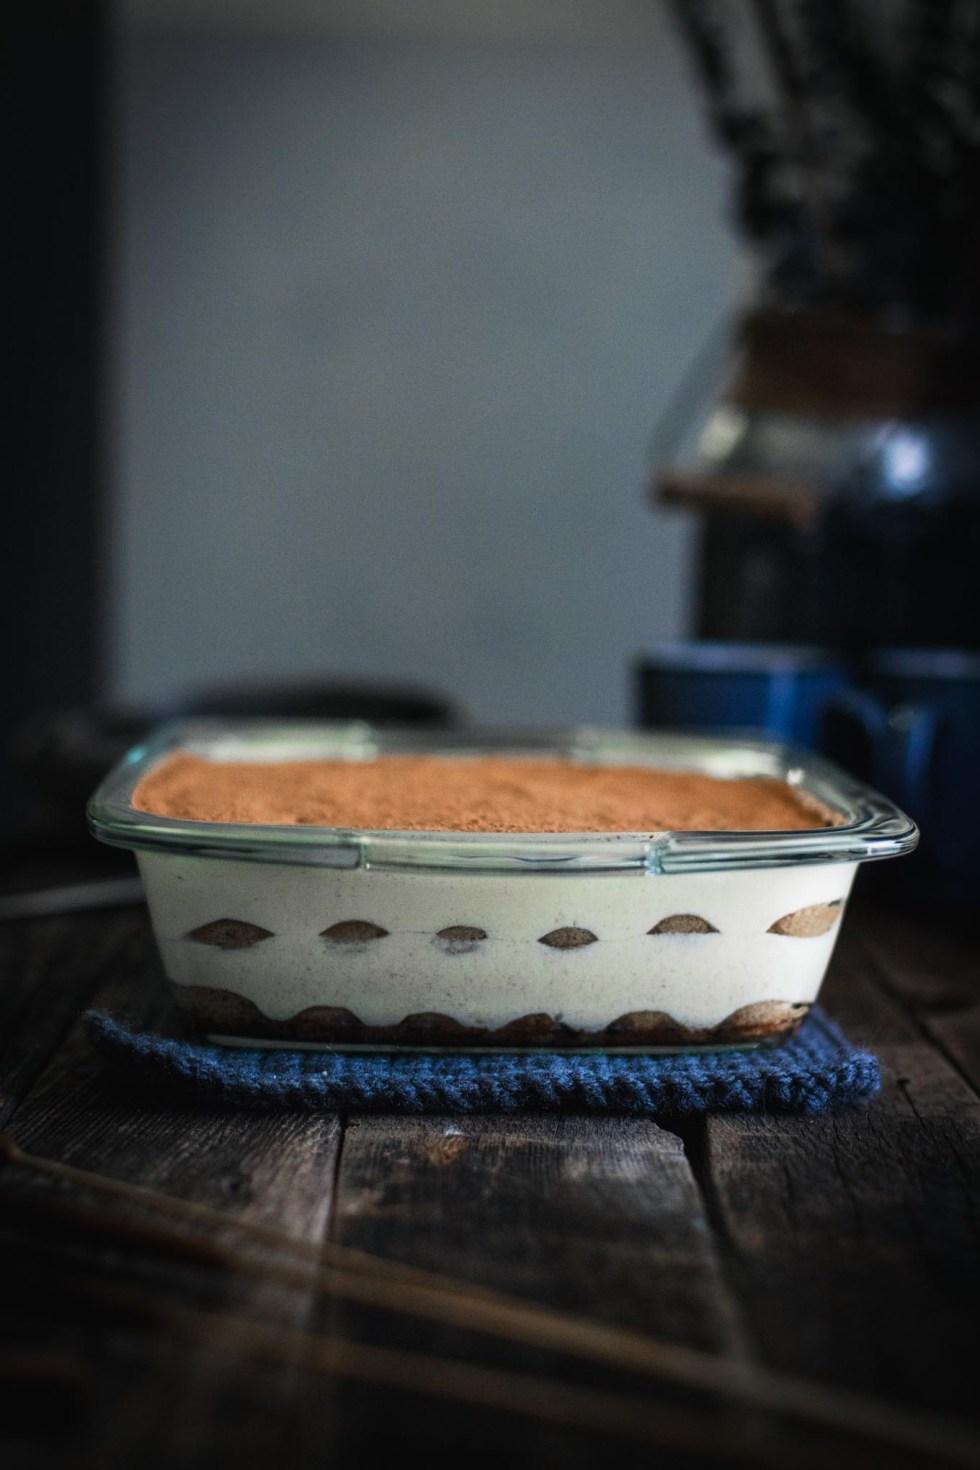 Chai tiramisu in an 8x8-inch glass baking dish on a wooden table